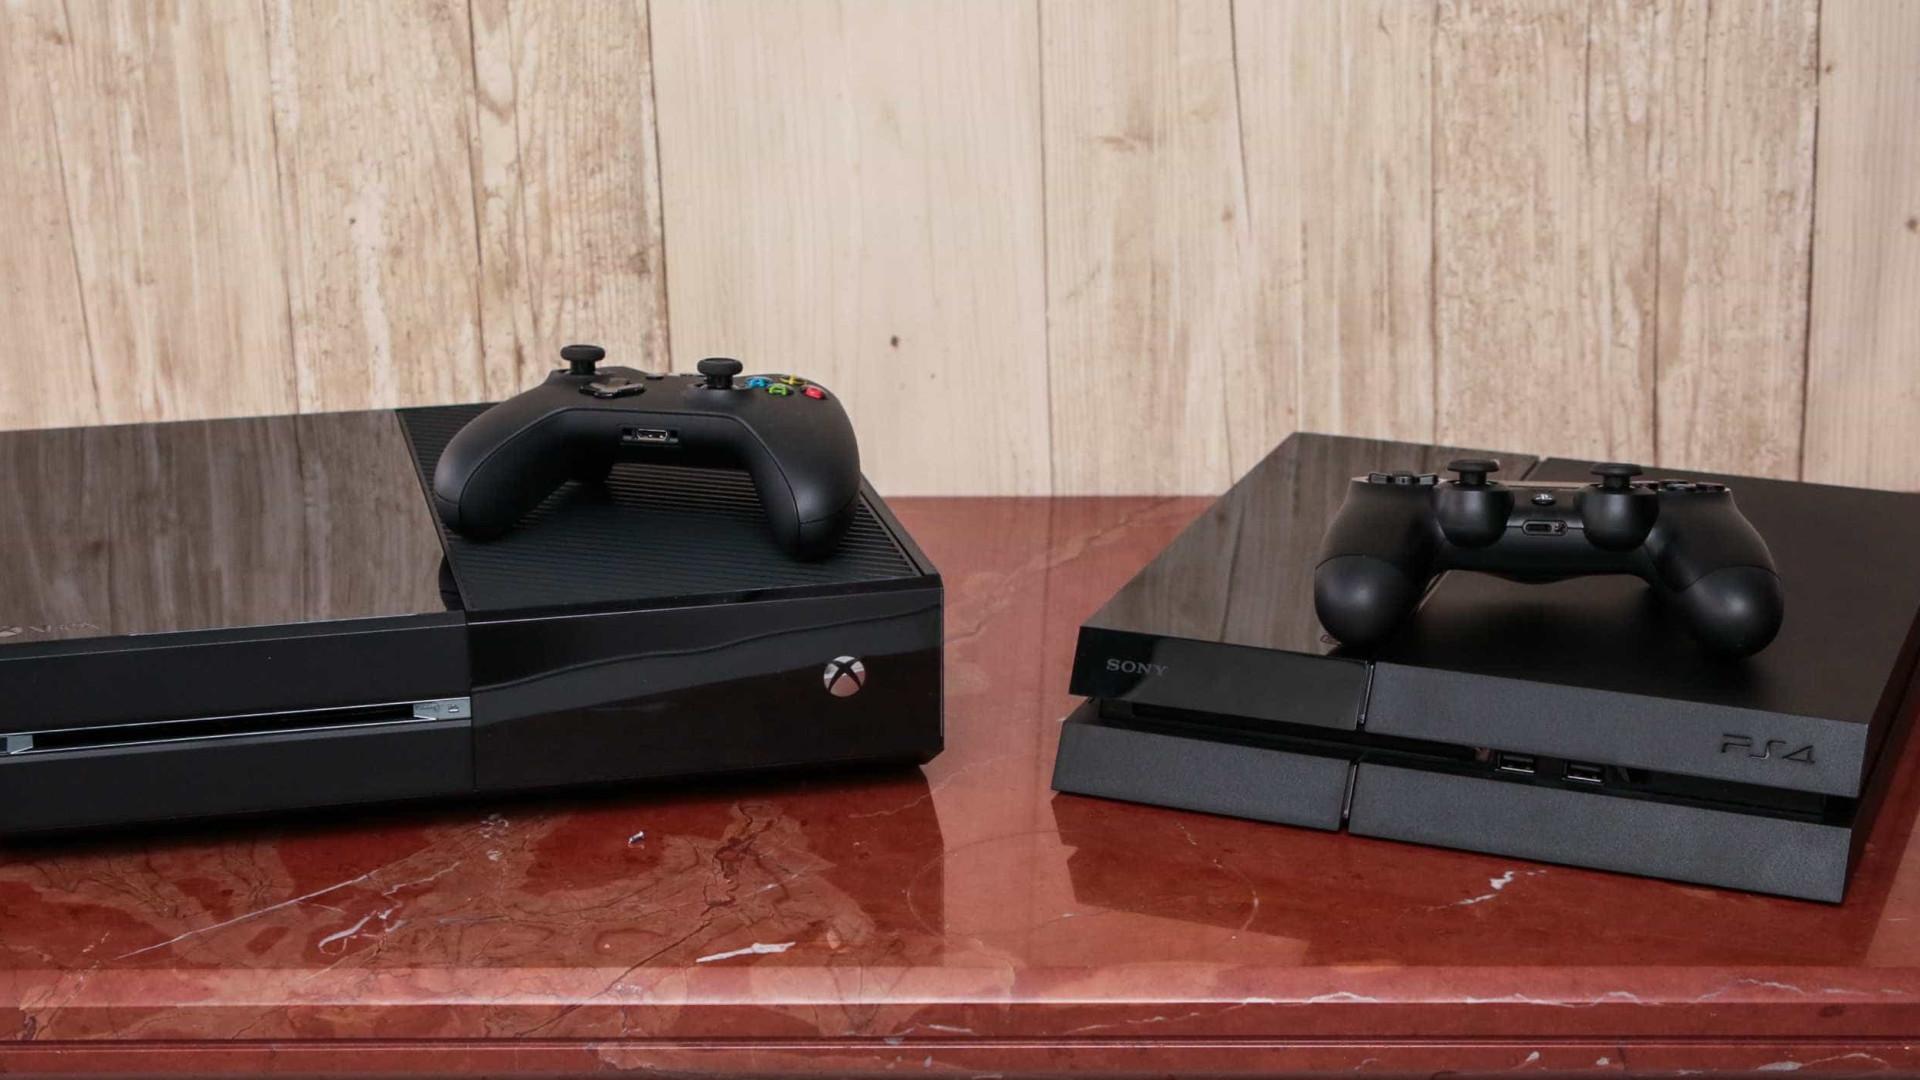 Não é possível jogar online entre consolas diferentes. Eis os motivos